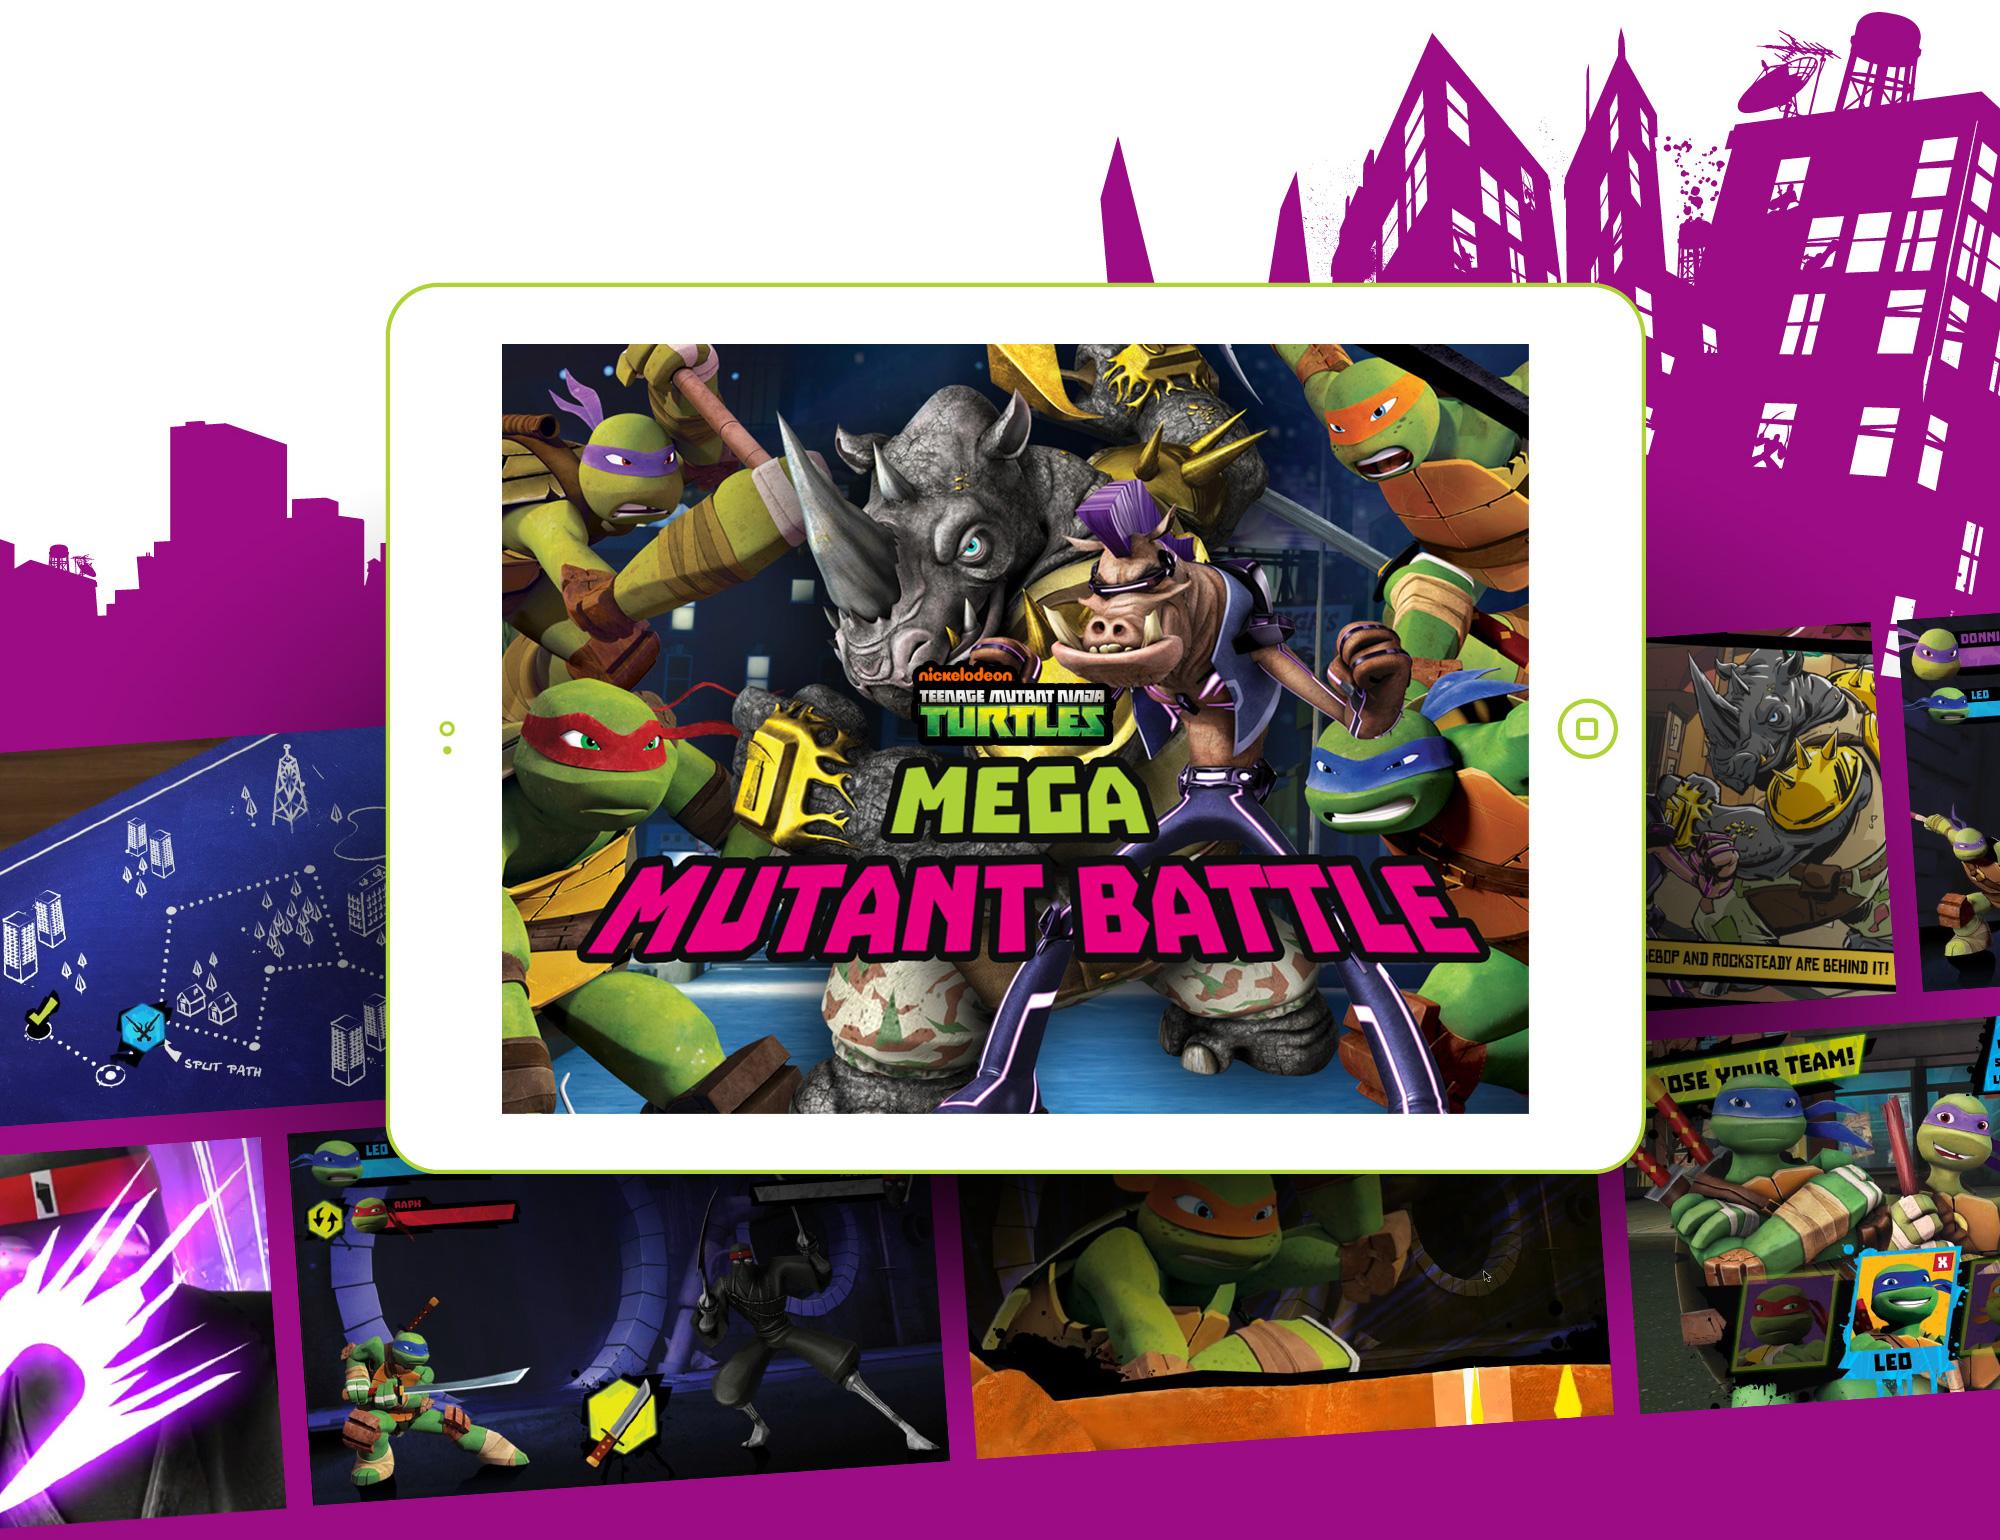 Teenage Mutant Ninja Turtles: Mega Mutant Battle